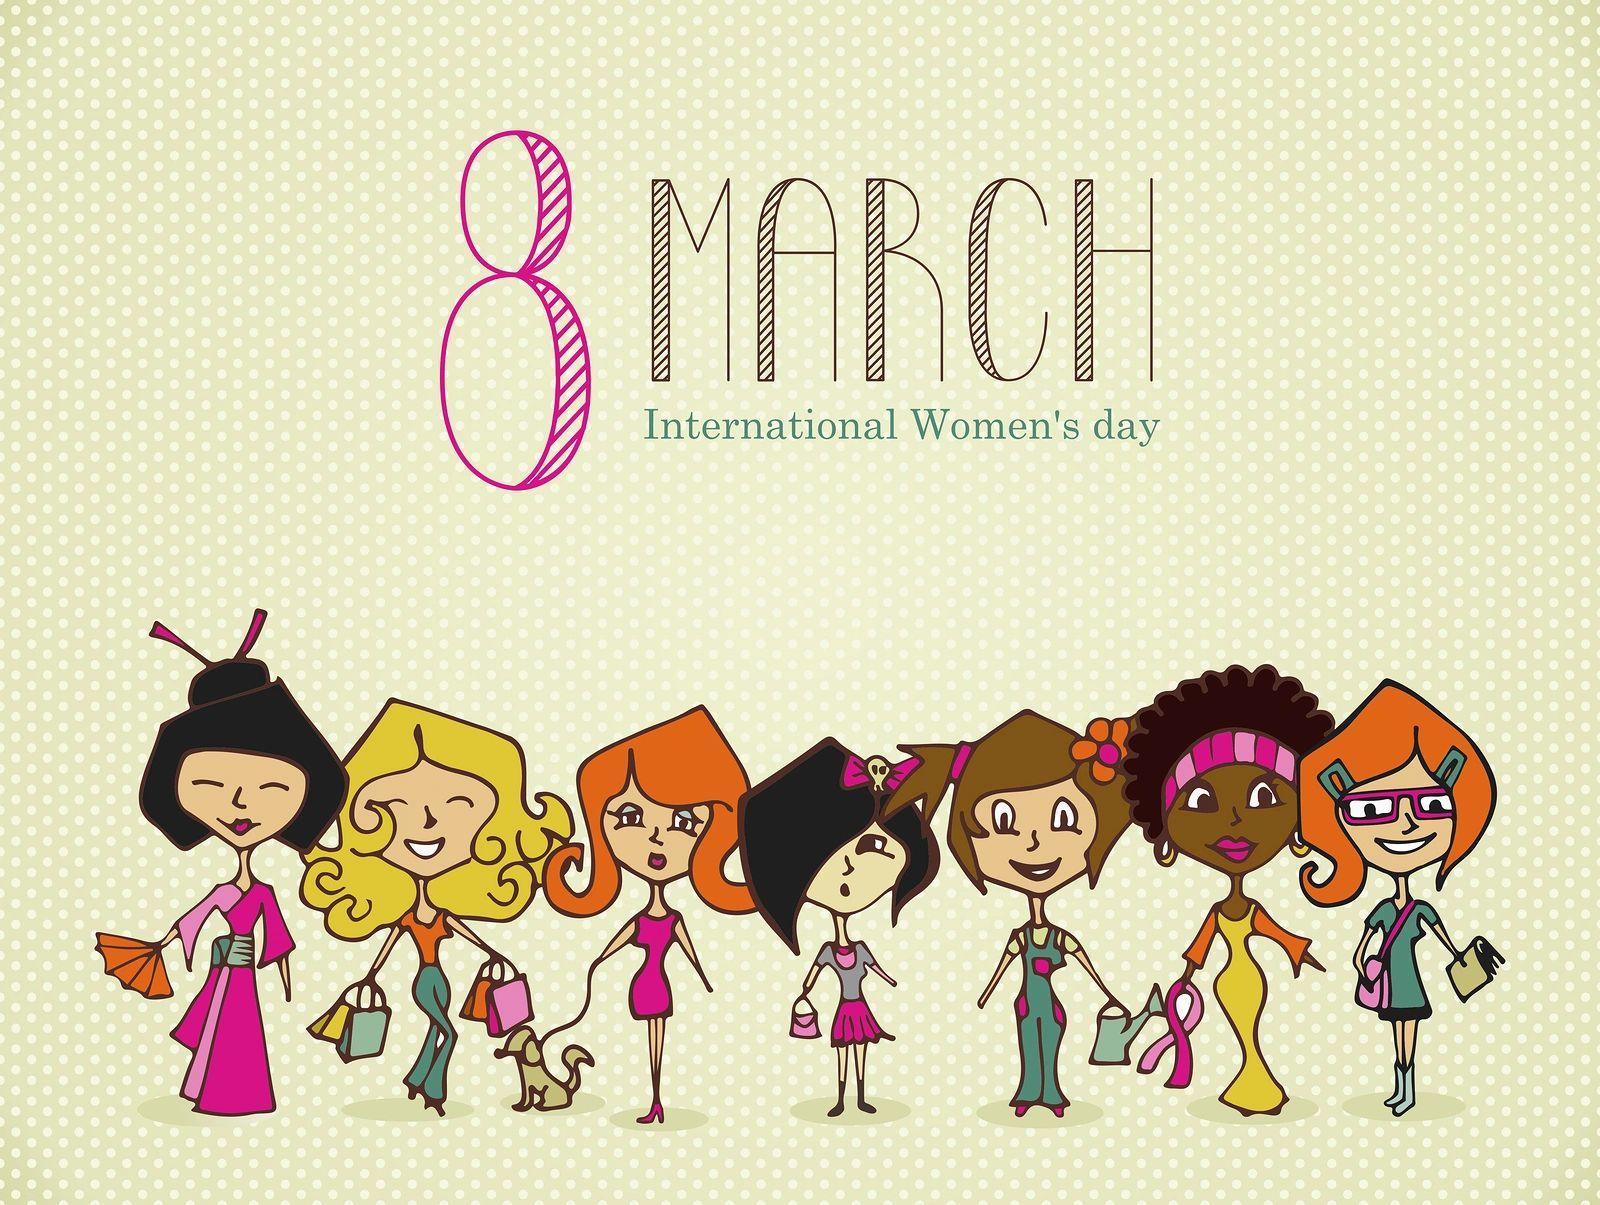 e23af women day 42659860